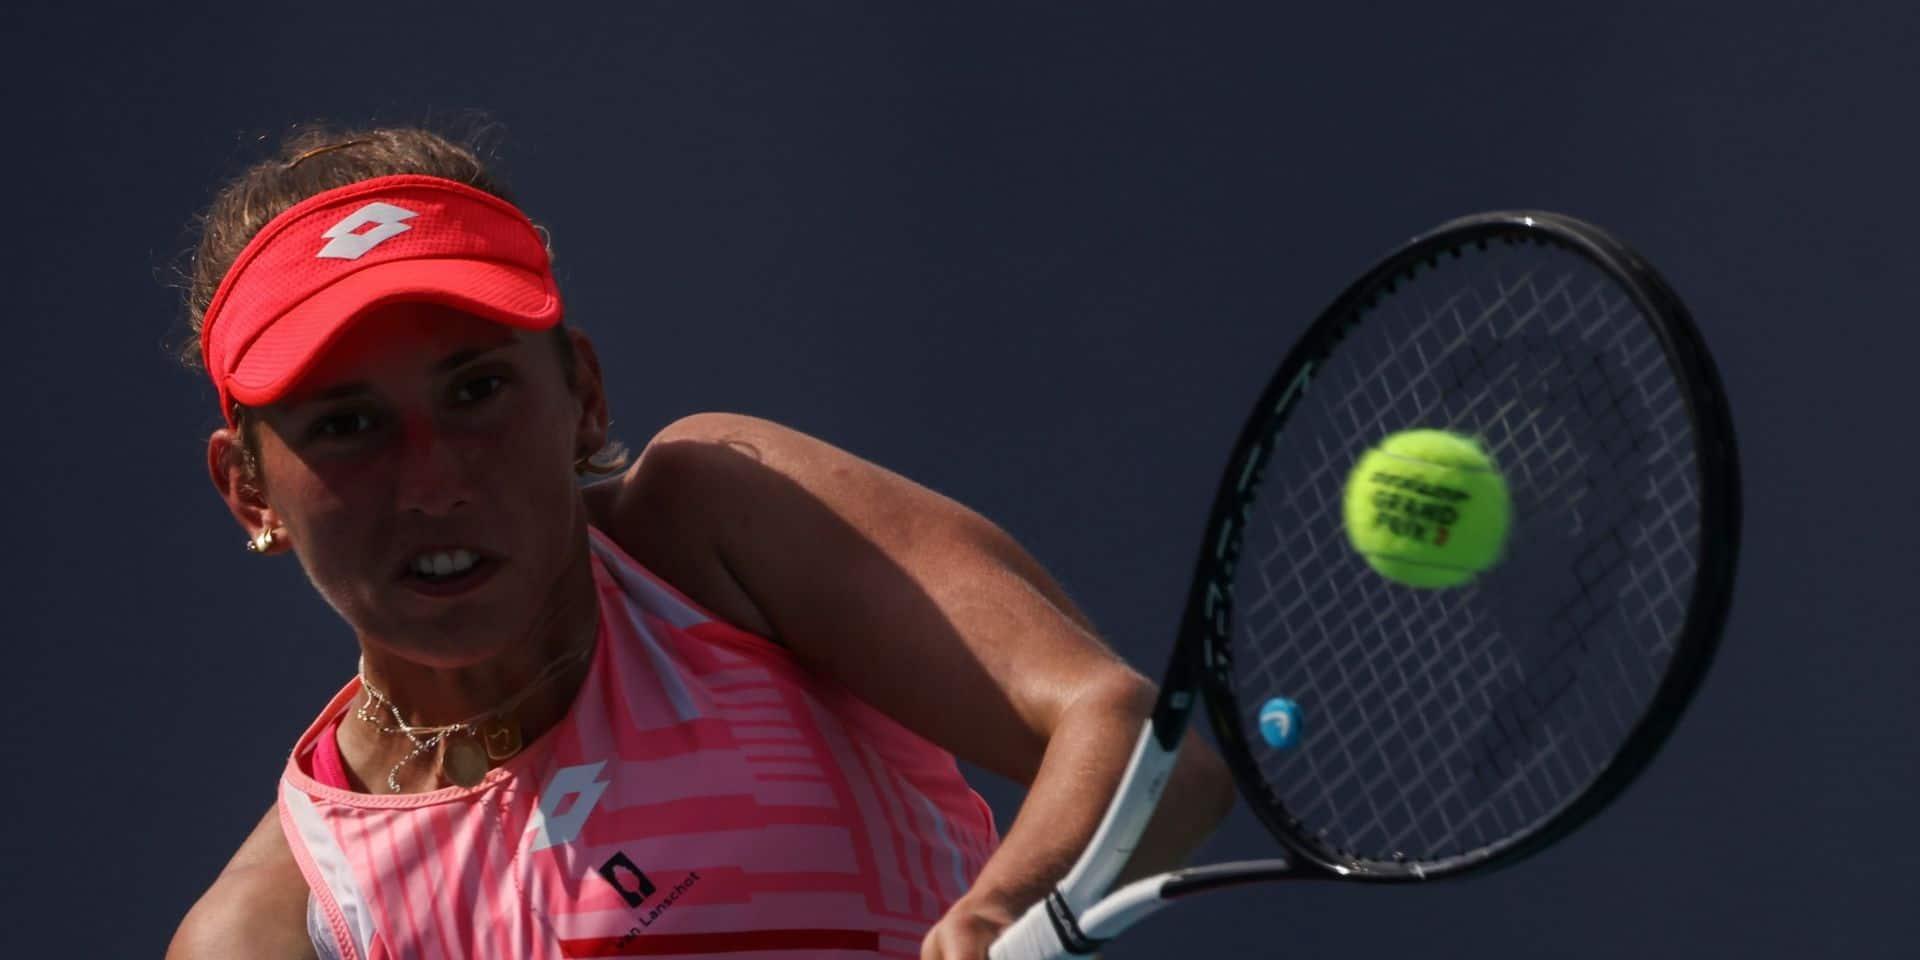 WTA Charleston: Elise Mertens battue par Alizé Cornet pour ses débuts sur terre battue